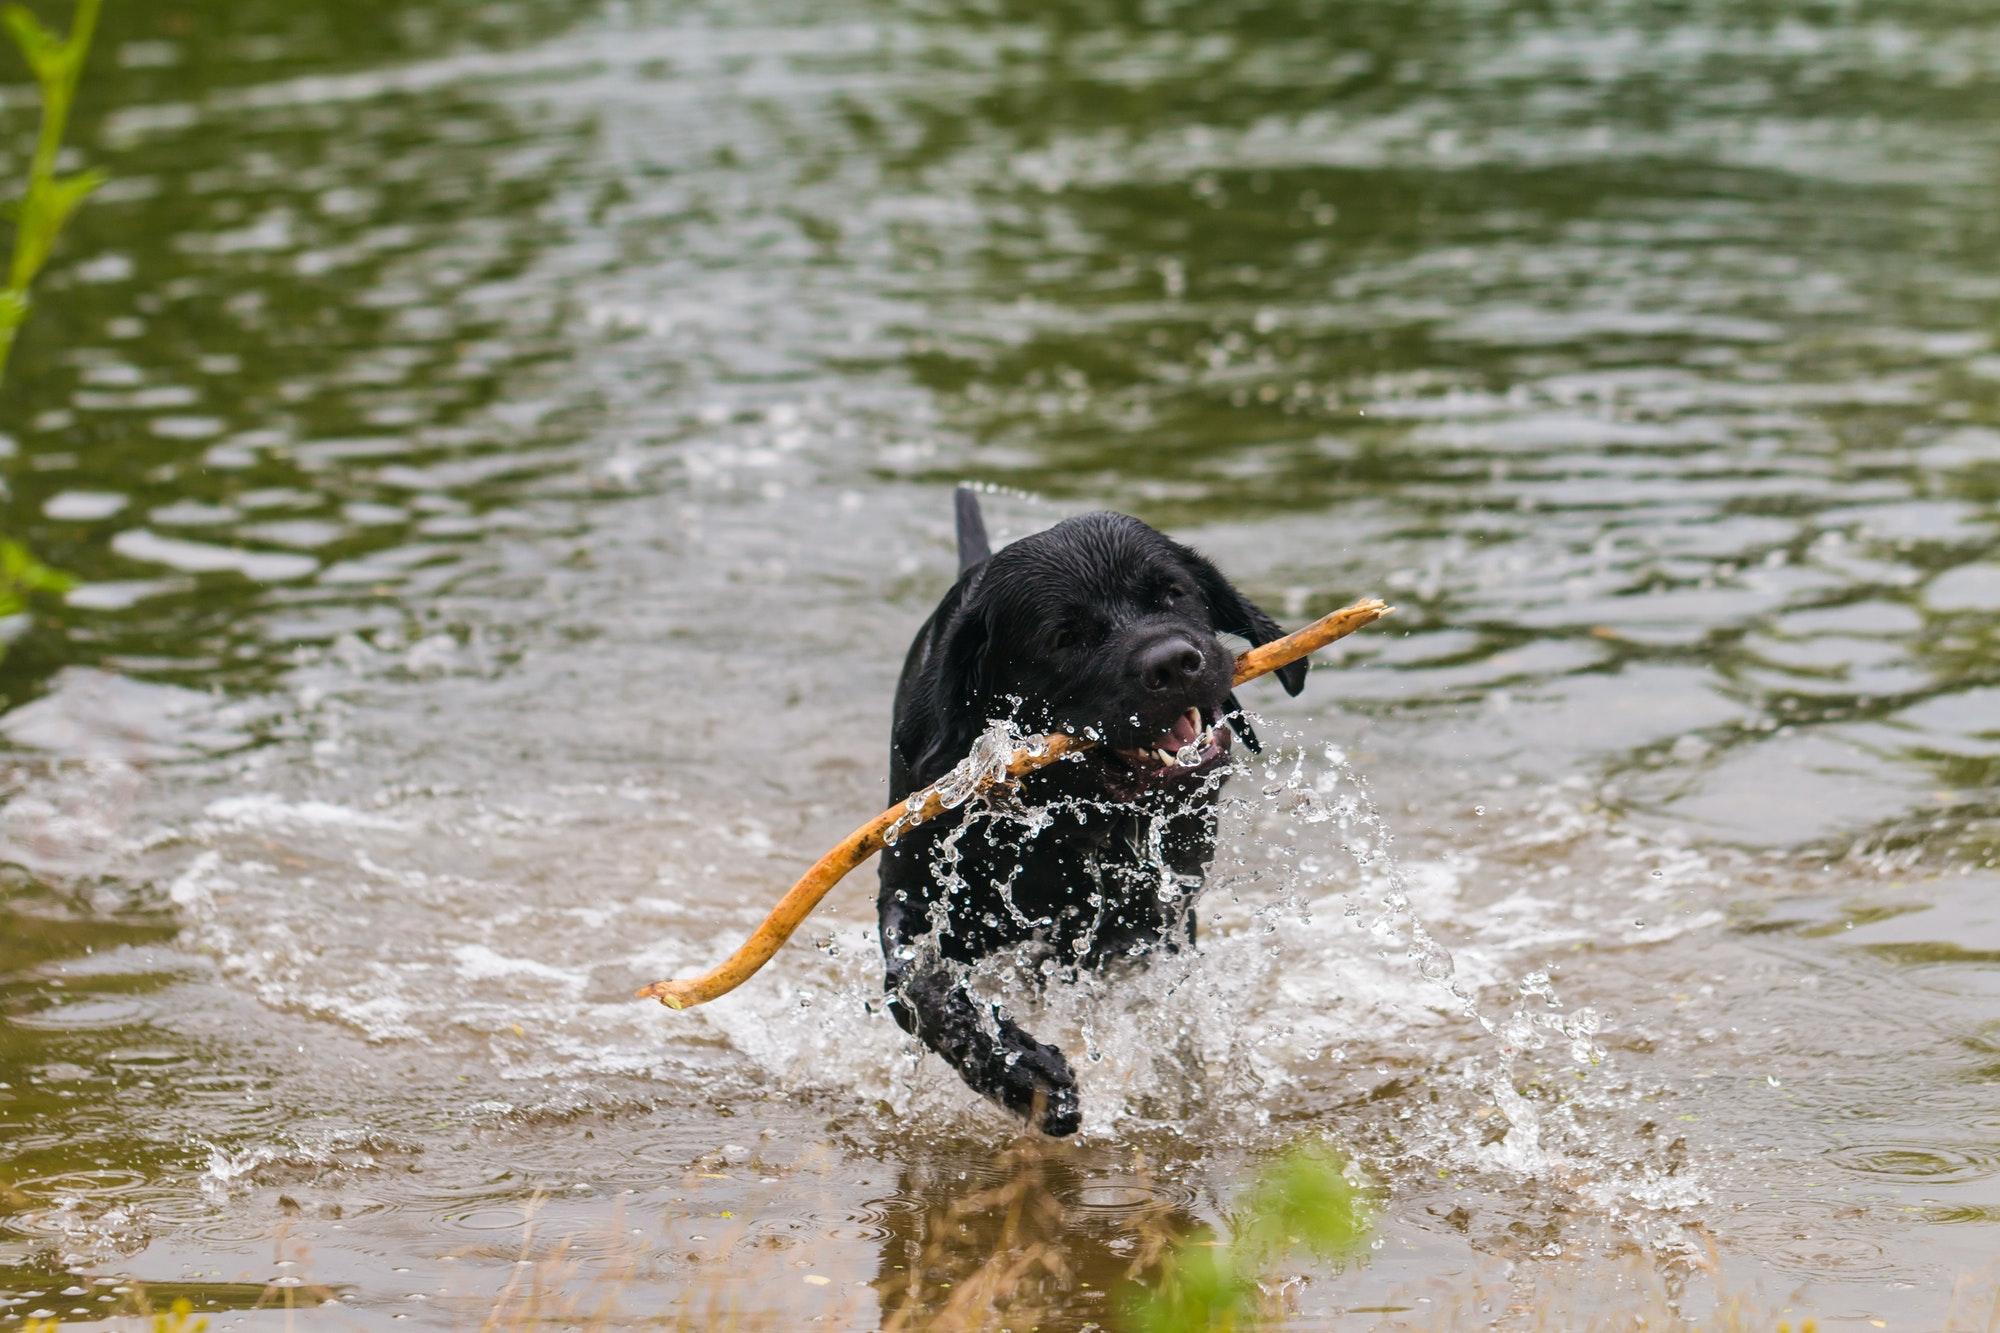 Hvalpetræning Lyngby - Bor du i Lyngby Taarbæk kommune og overvejer du hundetræning eller hvalpetræning til din hund? Læs mere her